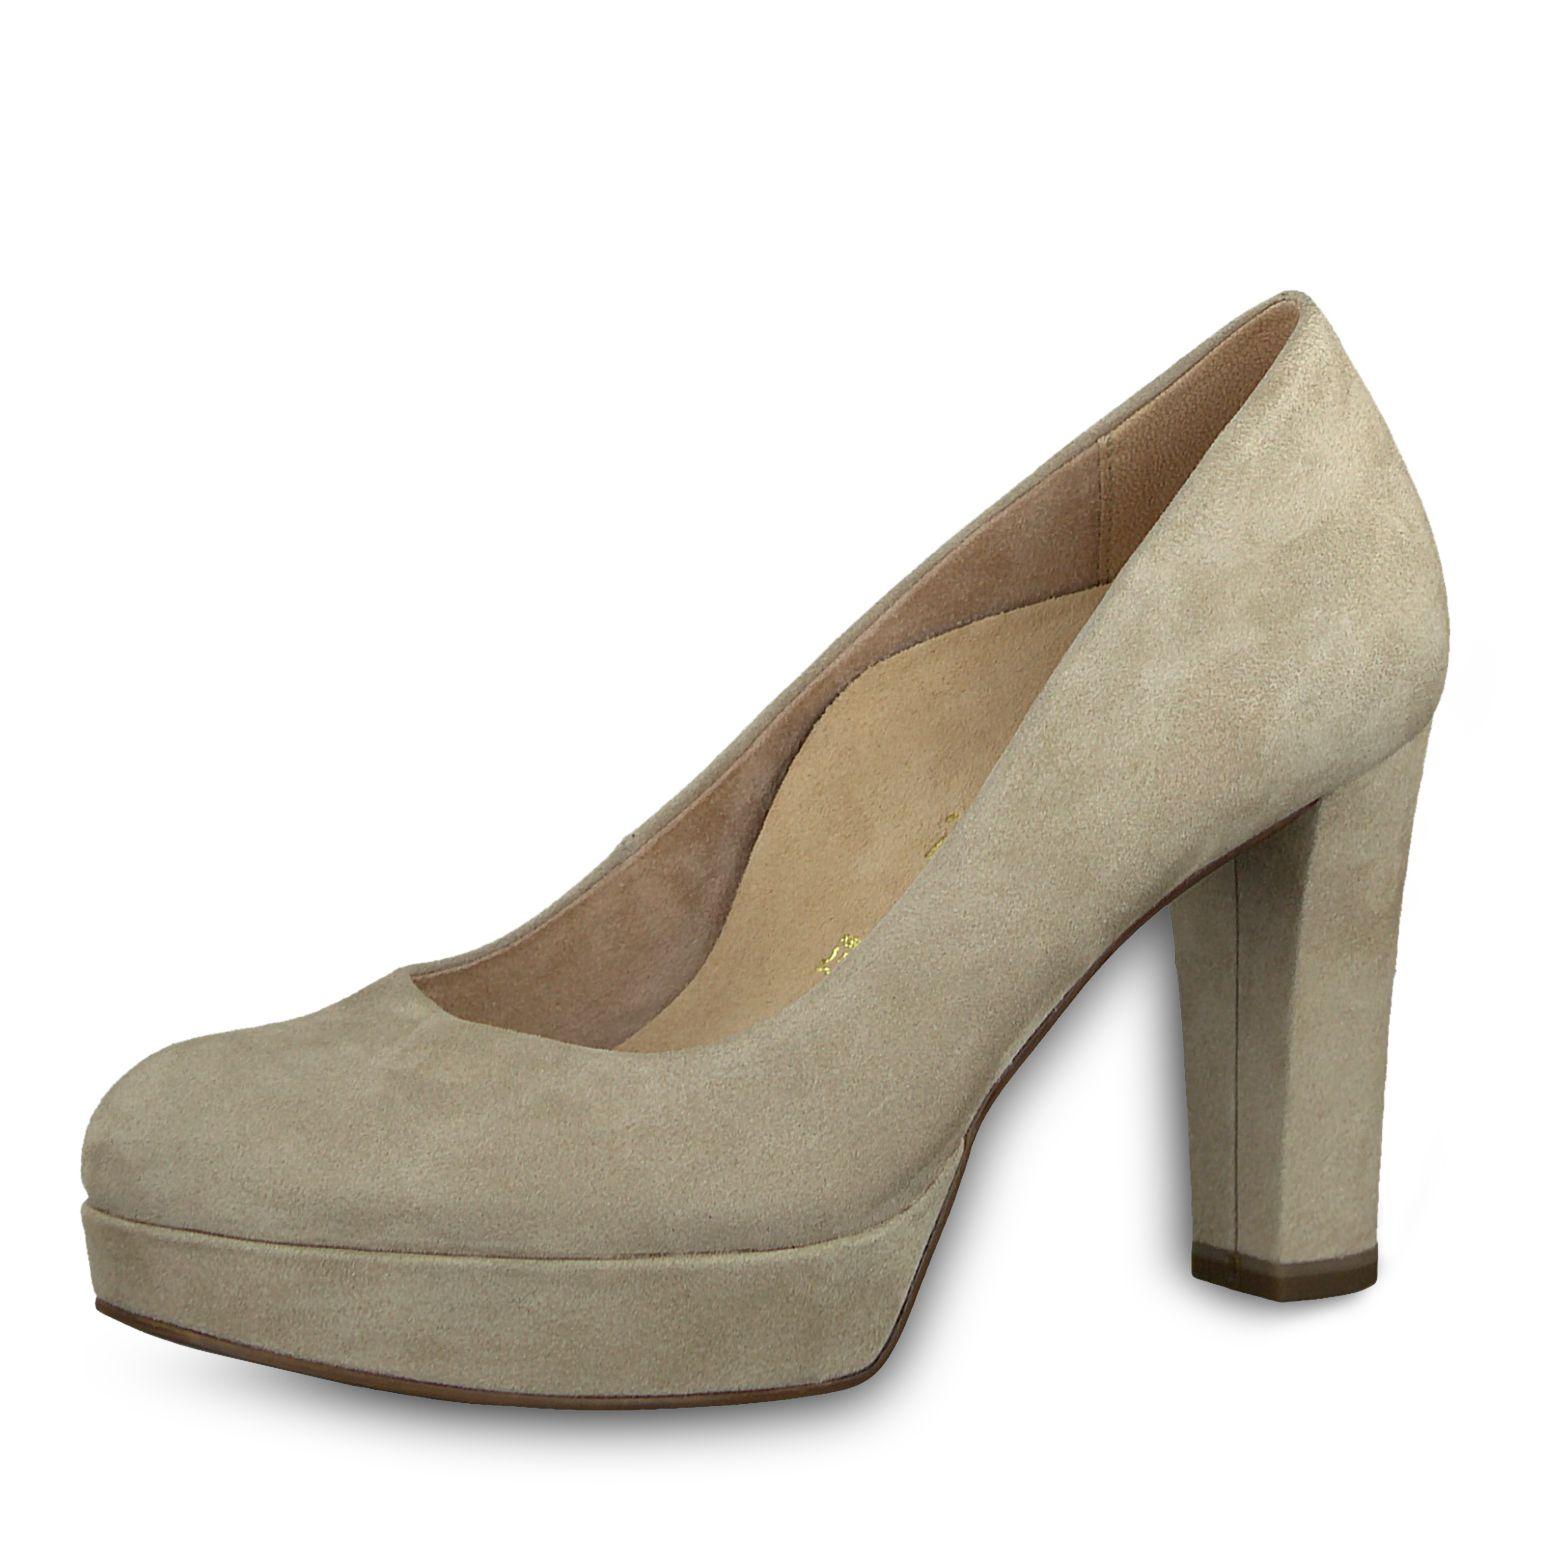 elise 1 1 22413 29 buy tamaris high heels online. Black Bedroom Furniture Sets. Home Design Ideas